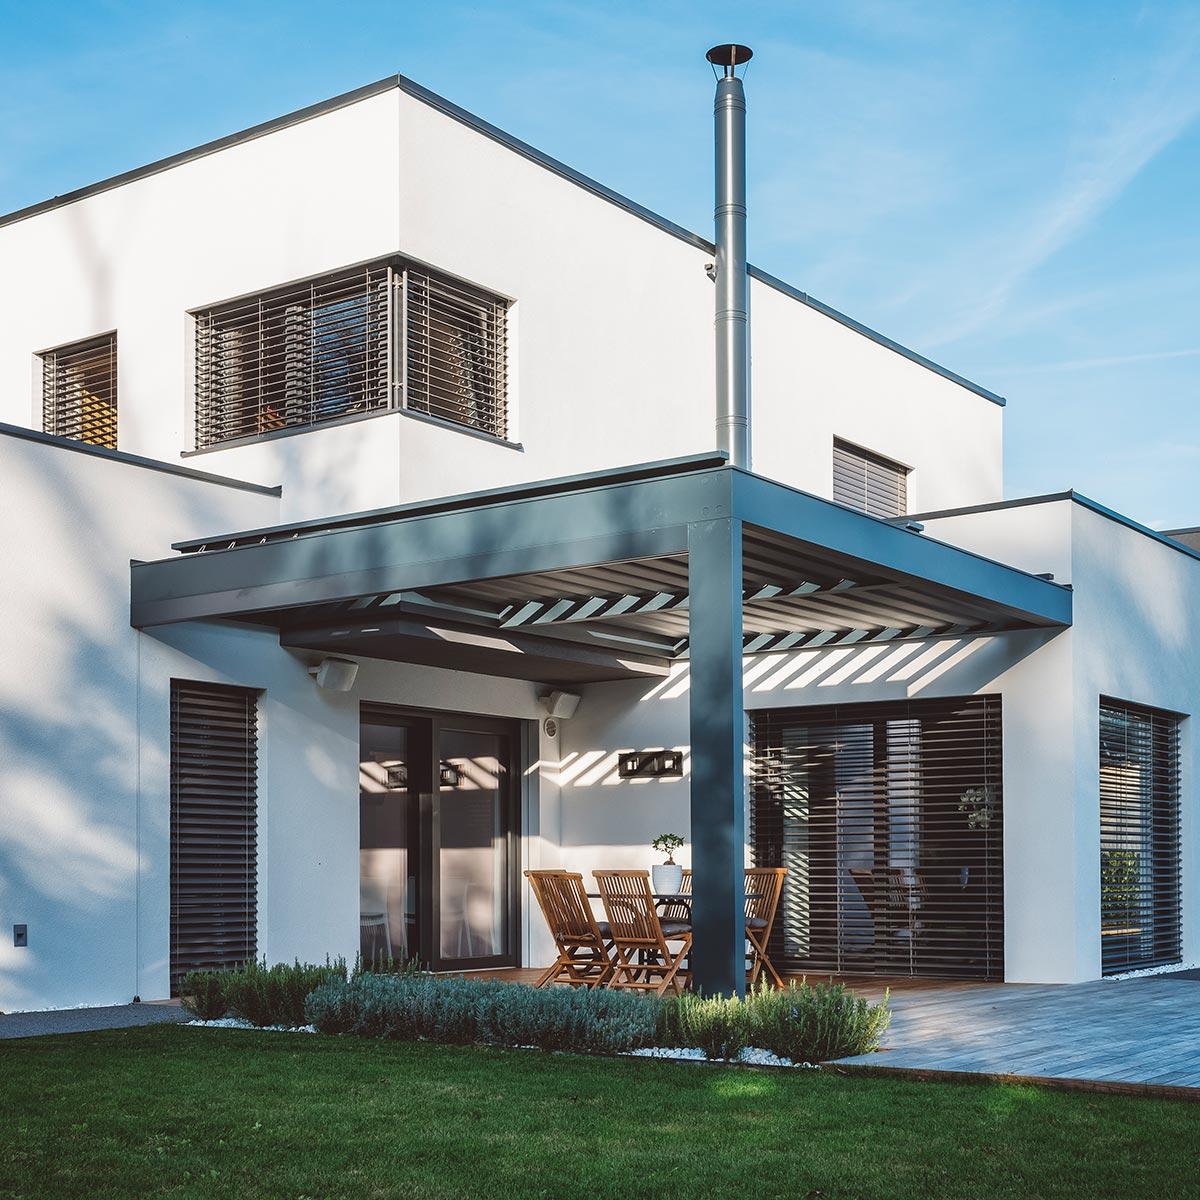 Fensterputzer für private Haushalte reinigt auch Raffstores.